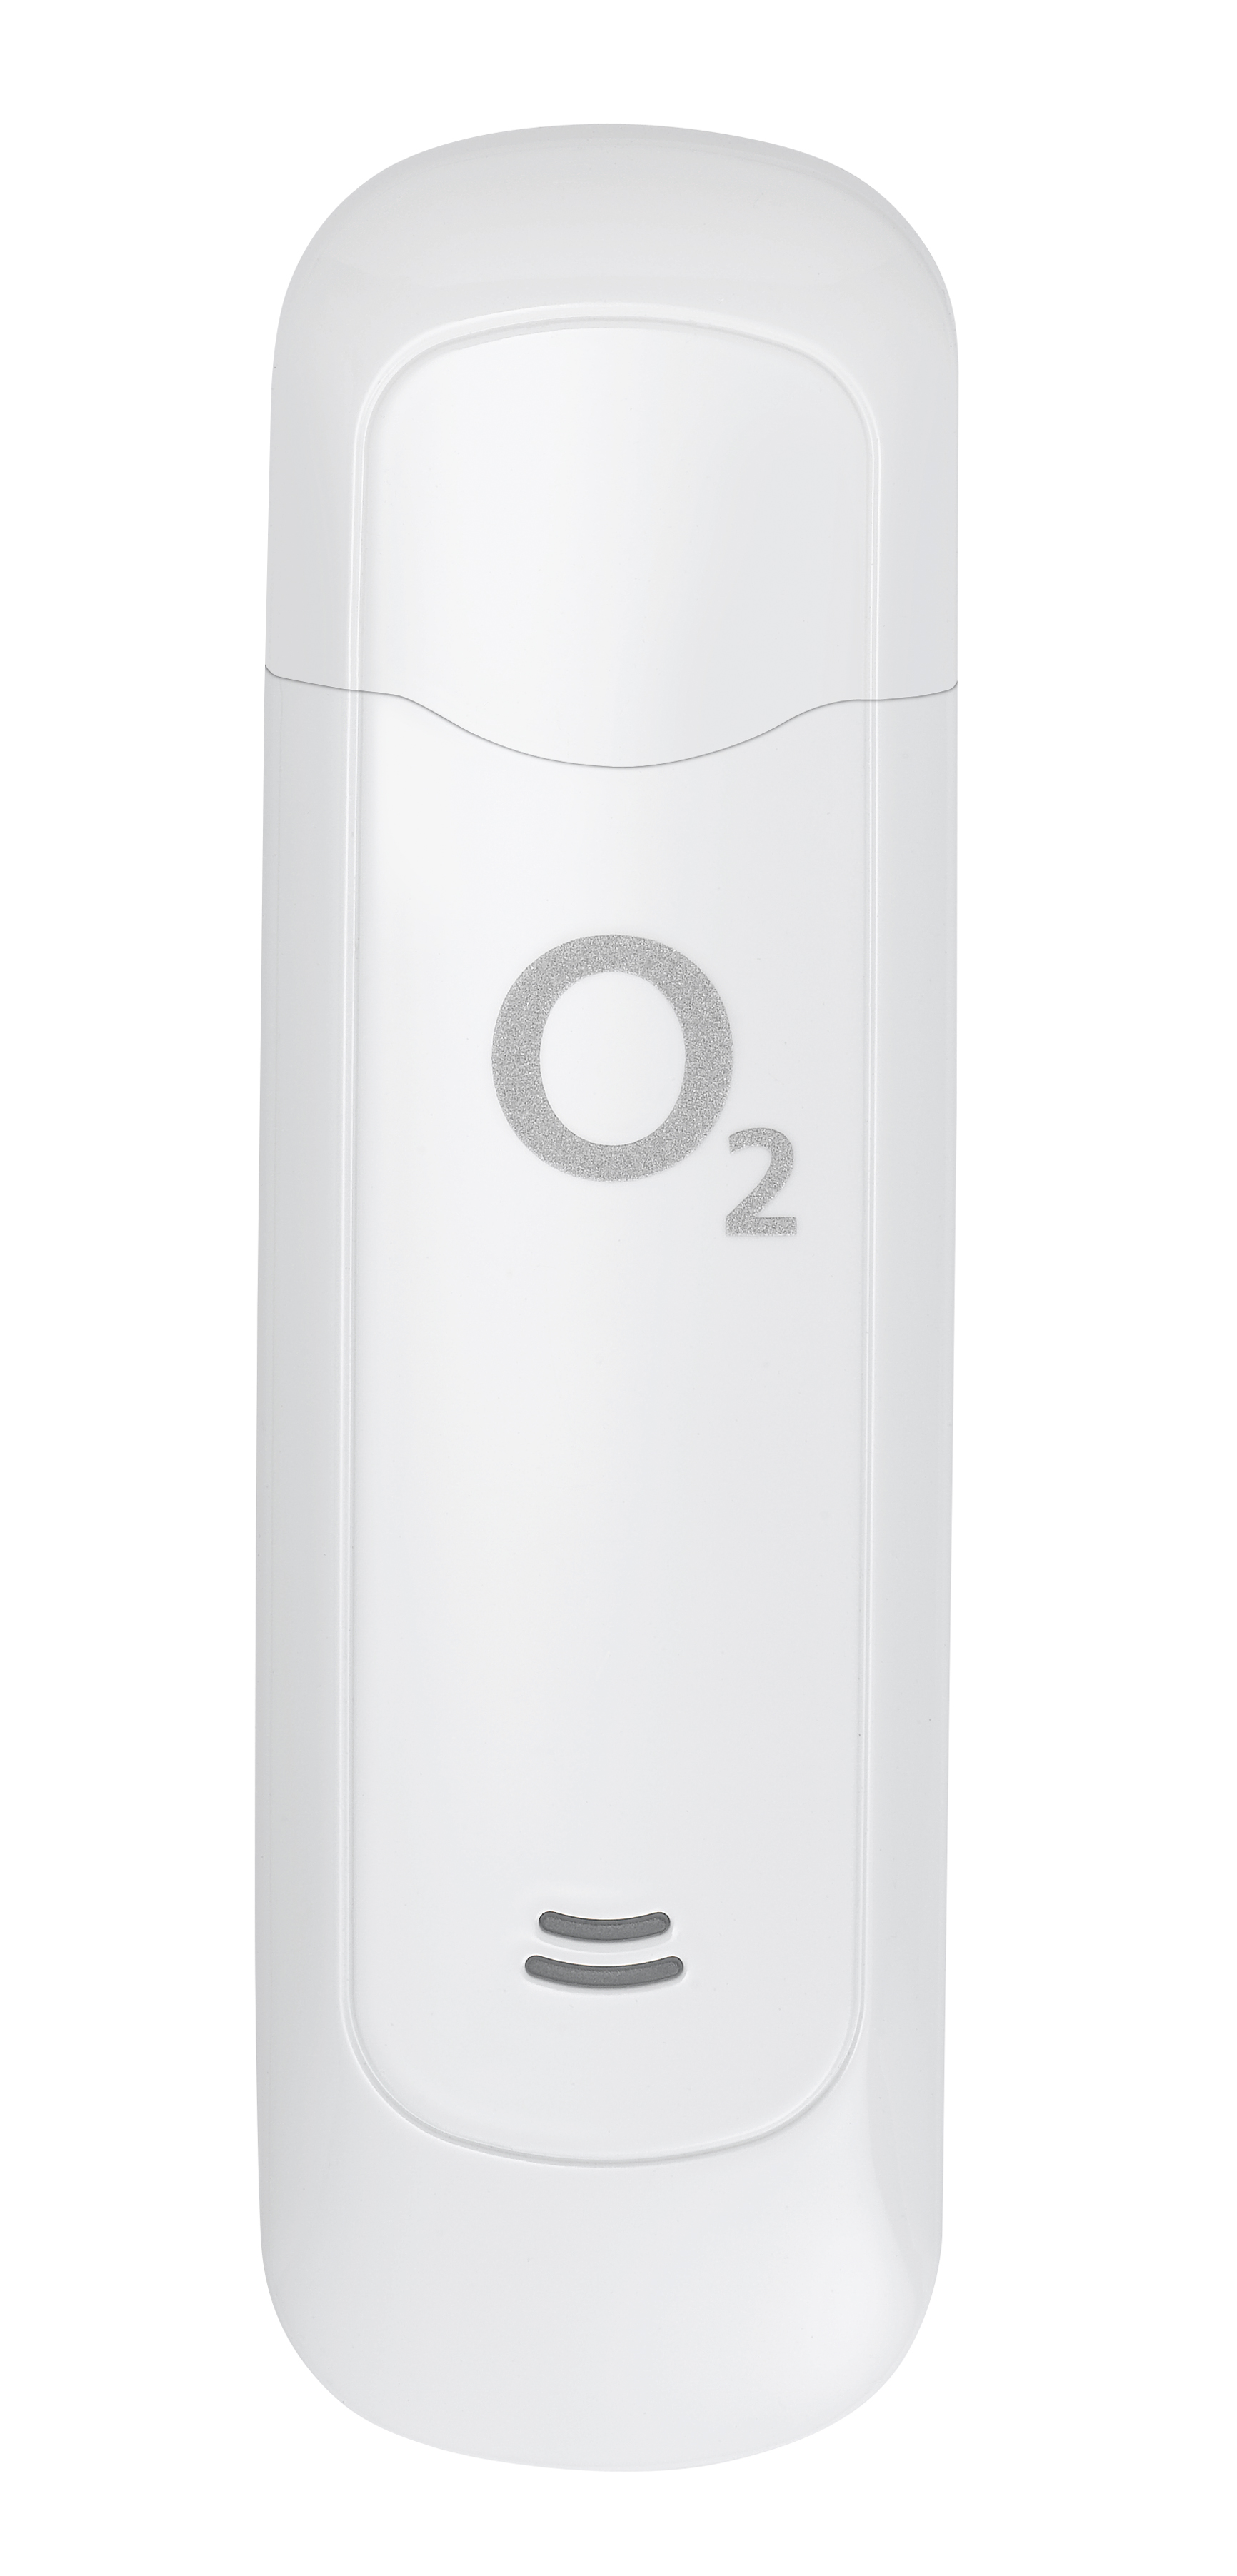 o2 produkte jetzt auch in allen real filialen telef nica deutschland. Black Bedroom Furniture Sets. Home Design Ideas